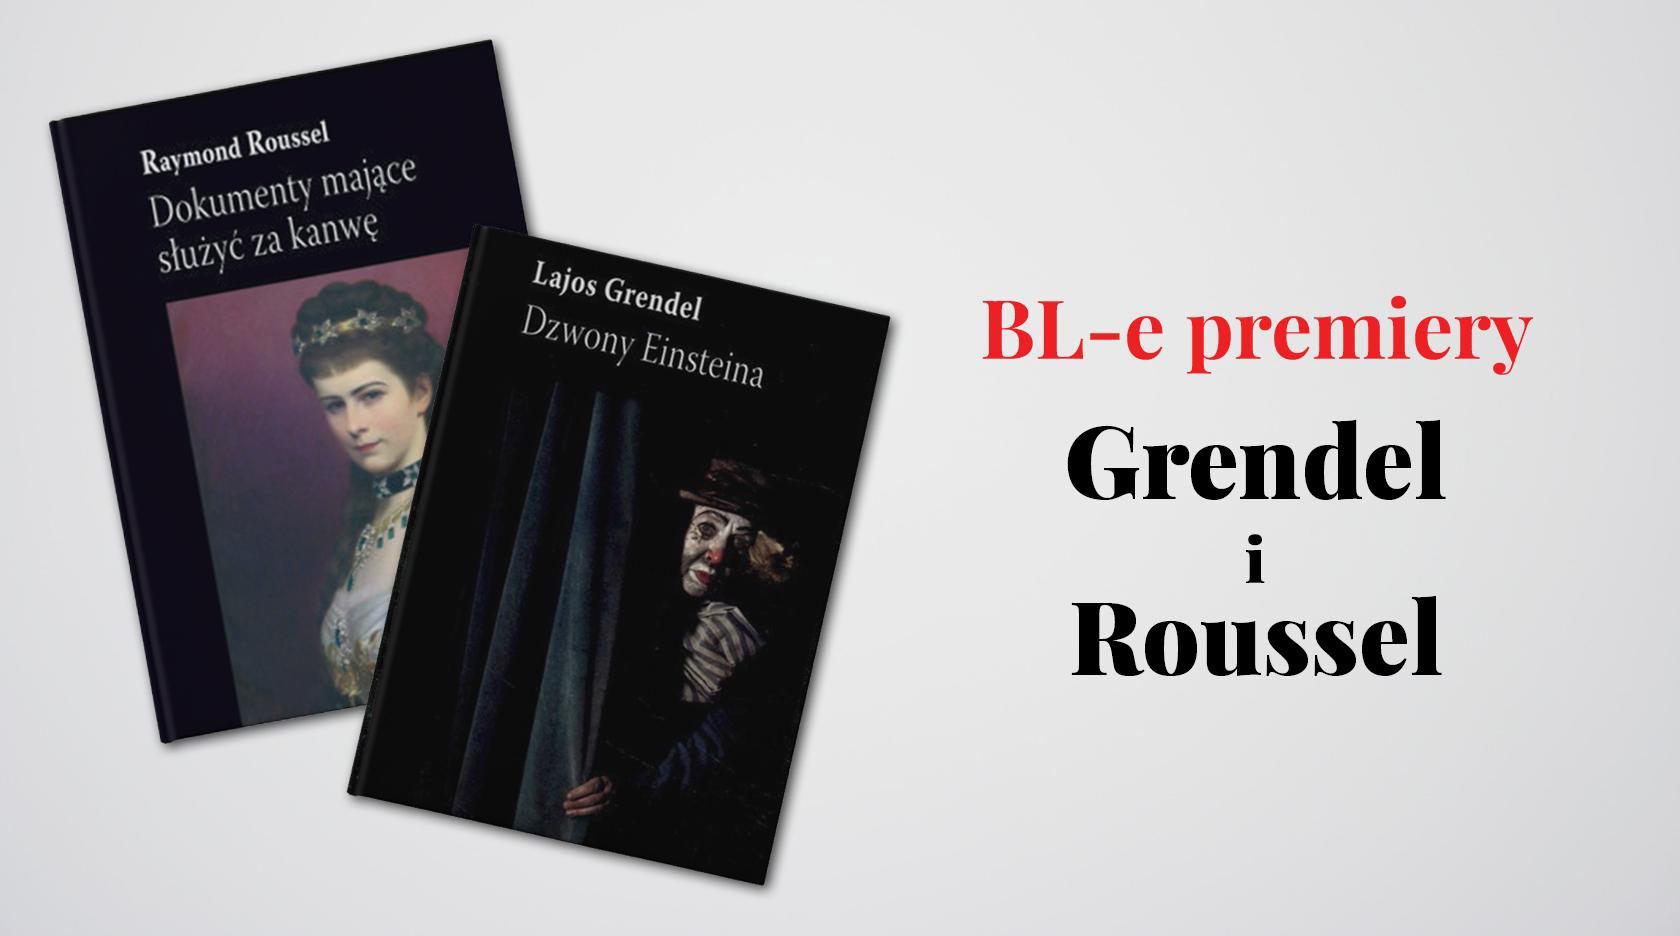 BL Img 2017.06.05 BL-e premiery GRENDEL i ROUSSEL_www_top